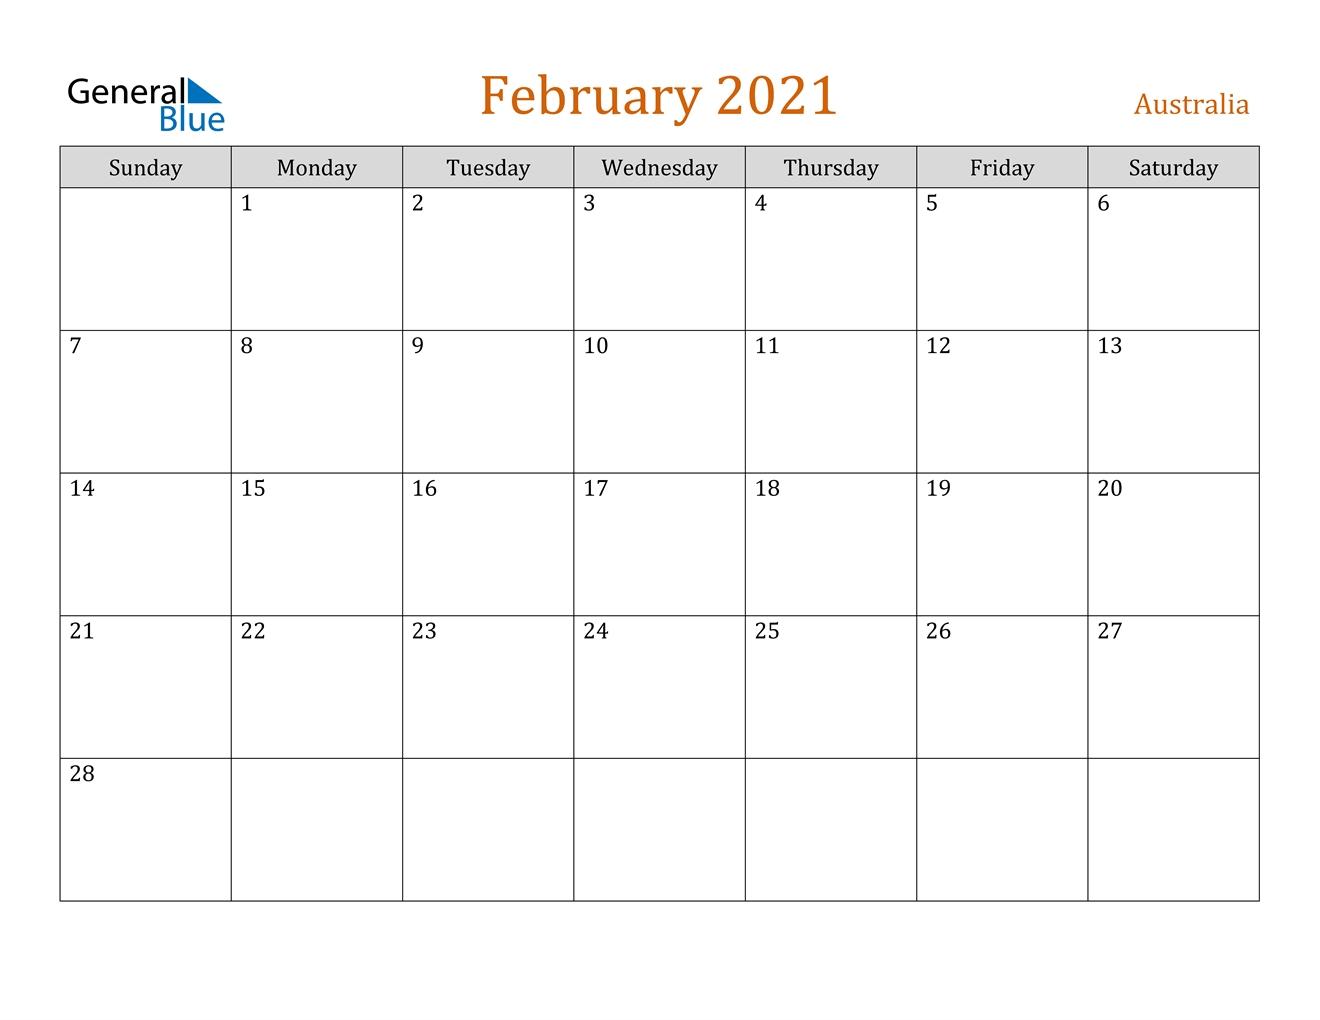 Get Calendar 2021 Australia